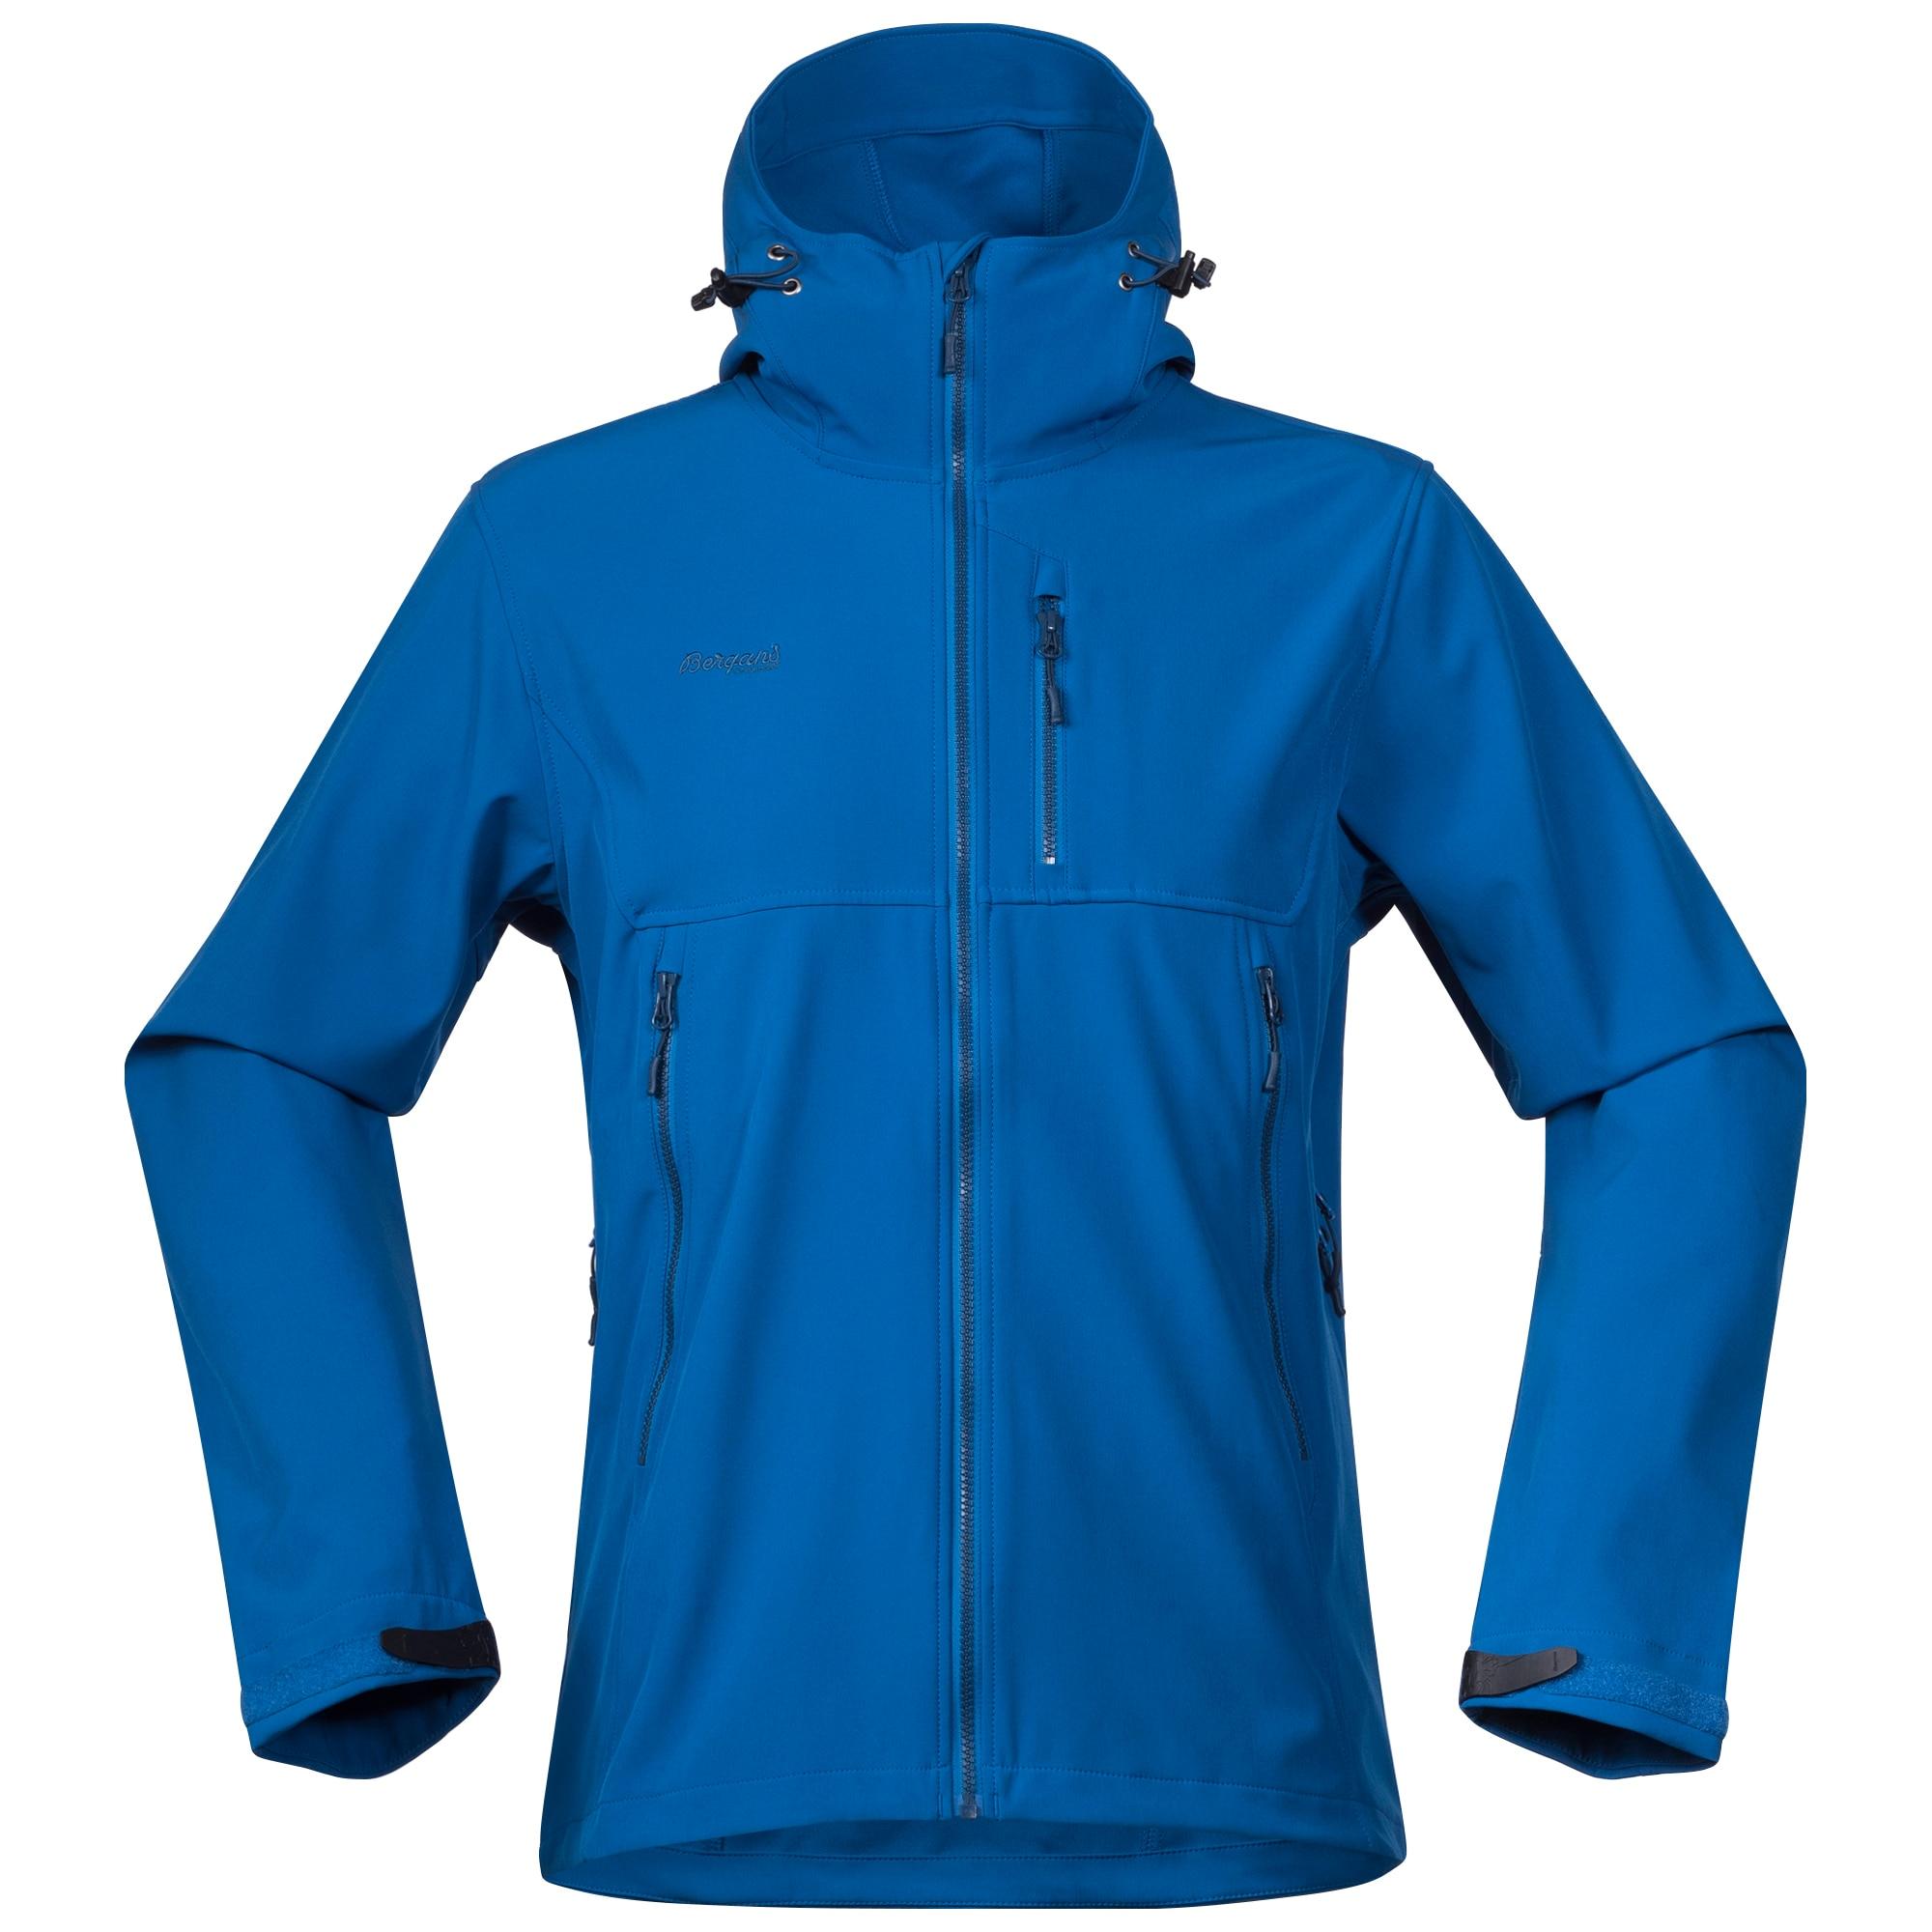 Stegaros Jacket